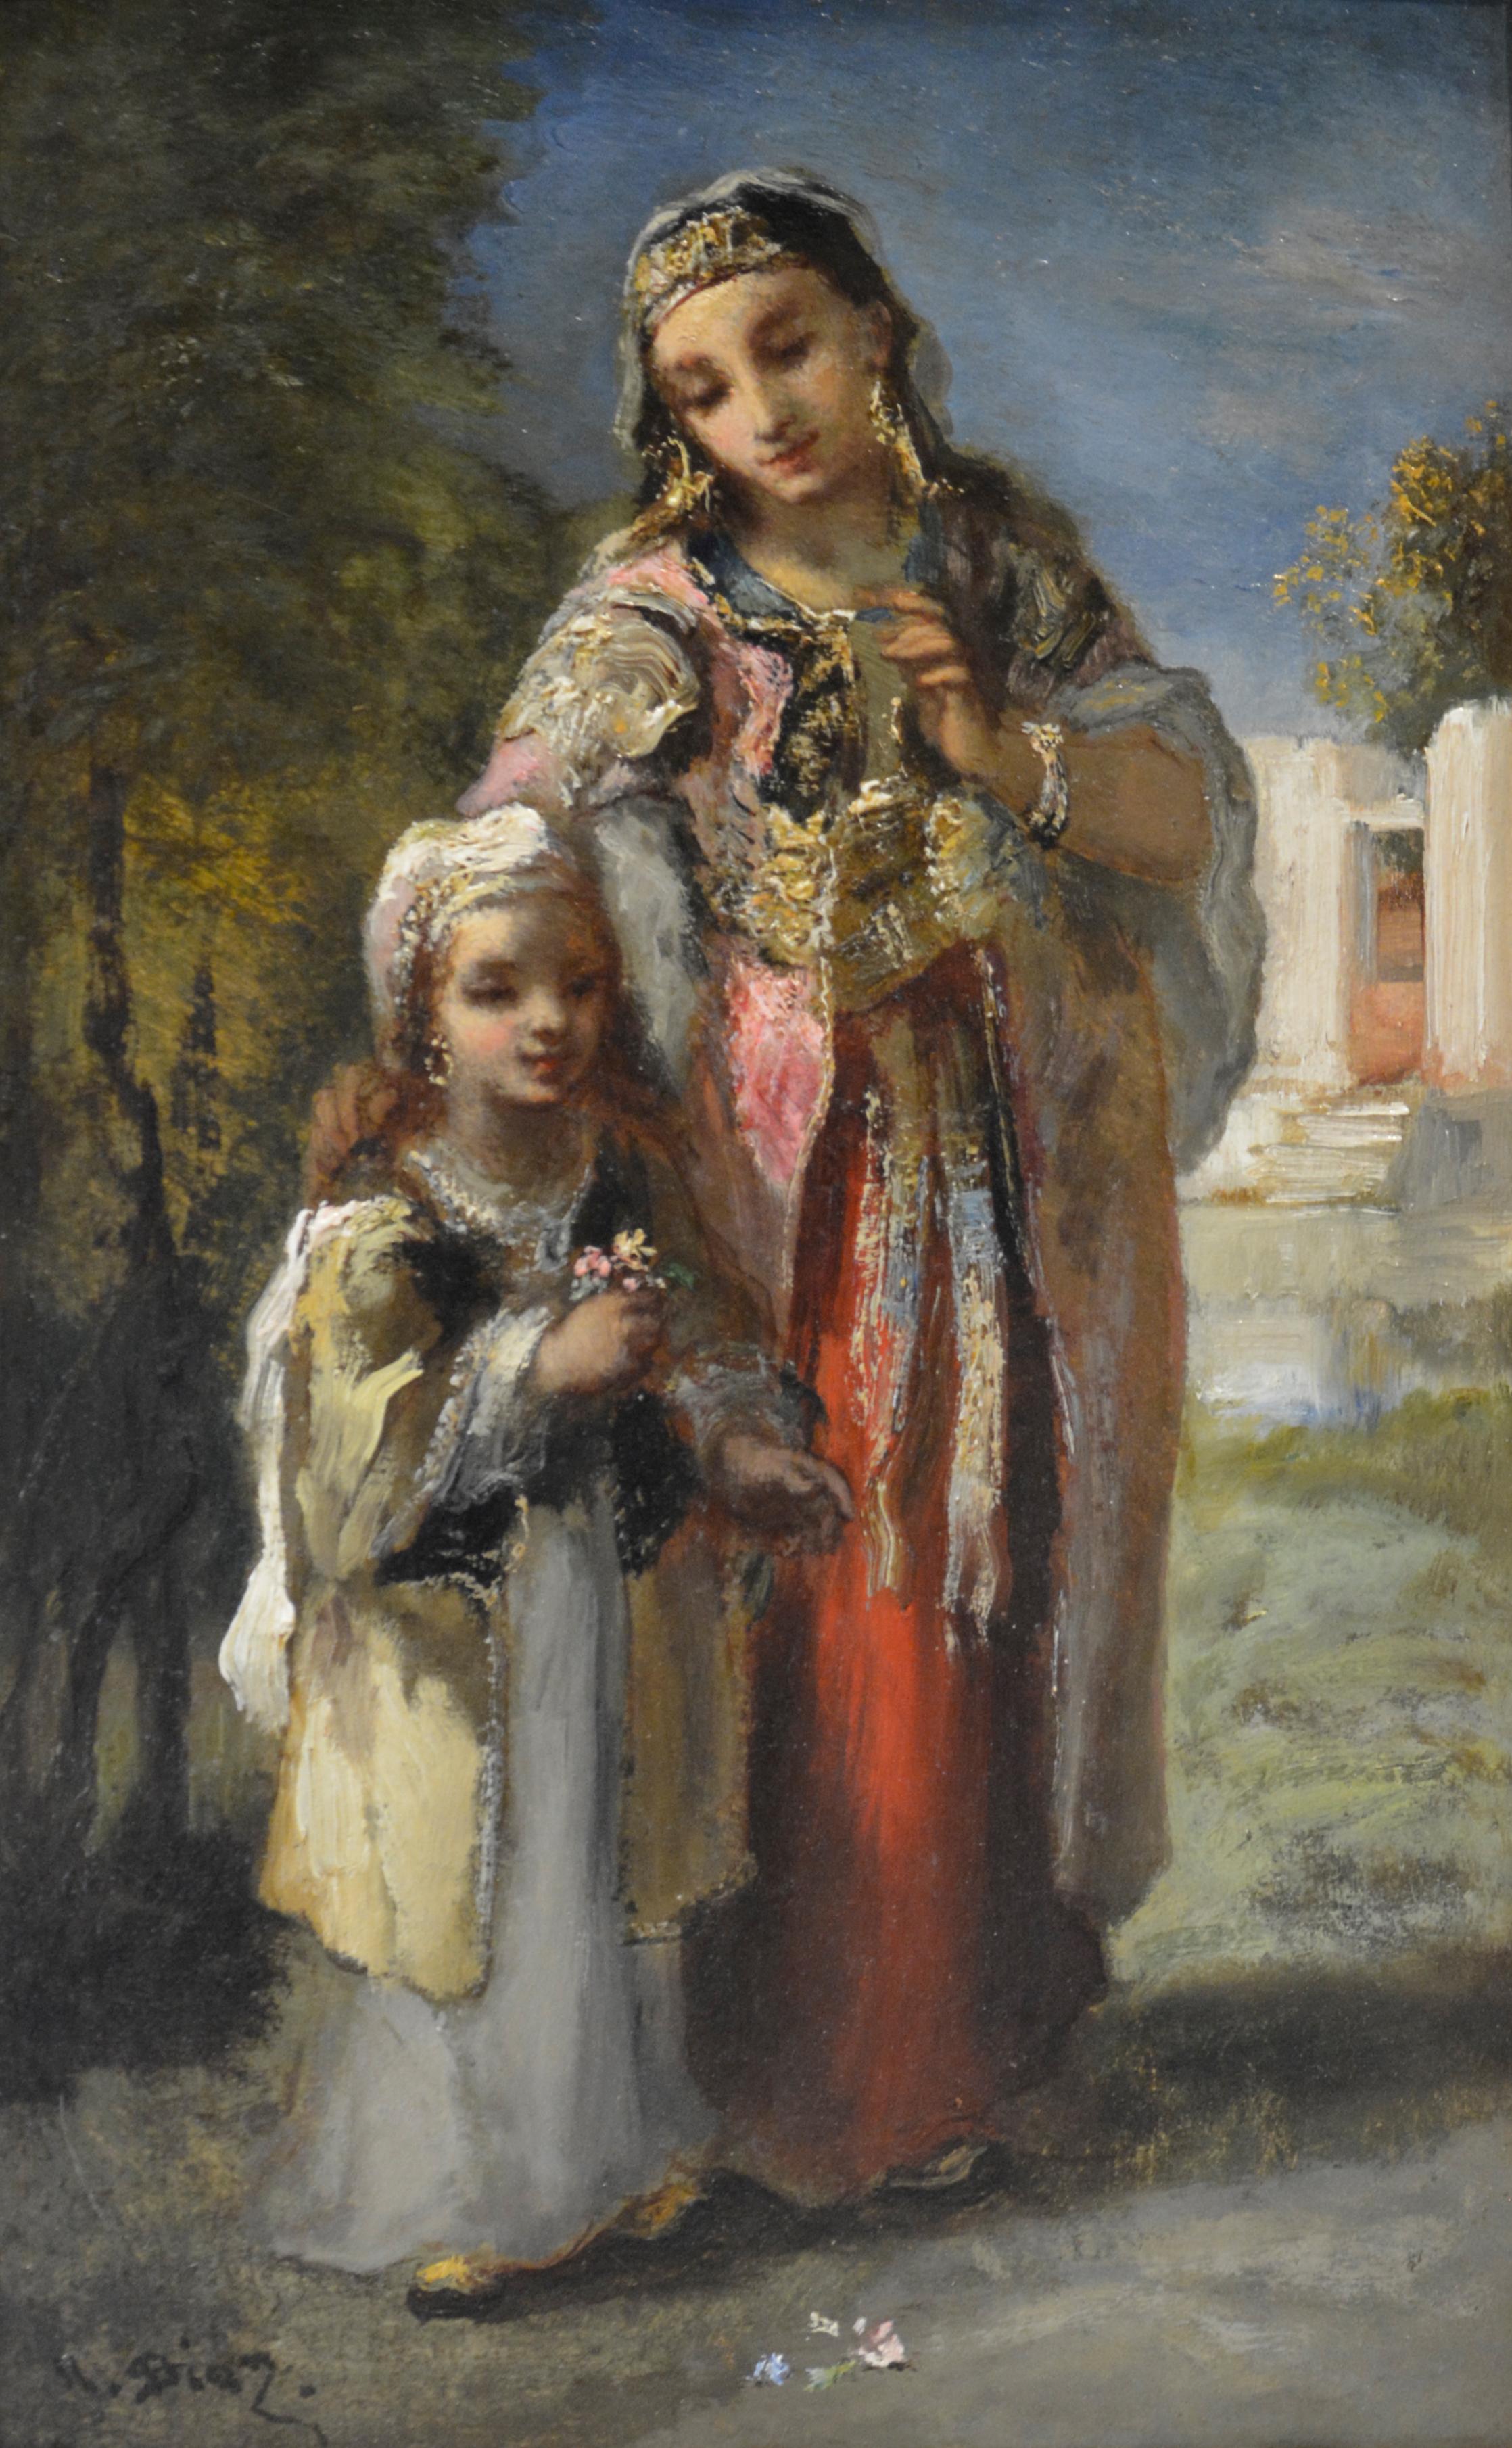 diaz orientale et sa fille hdef